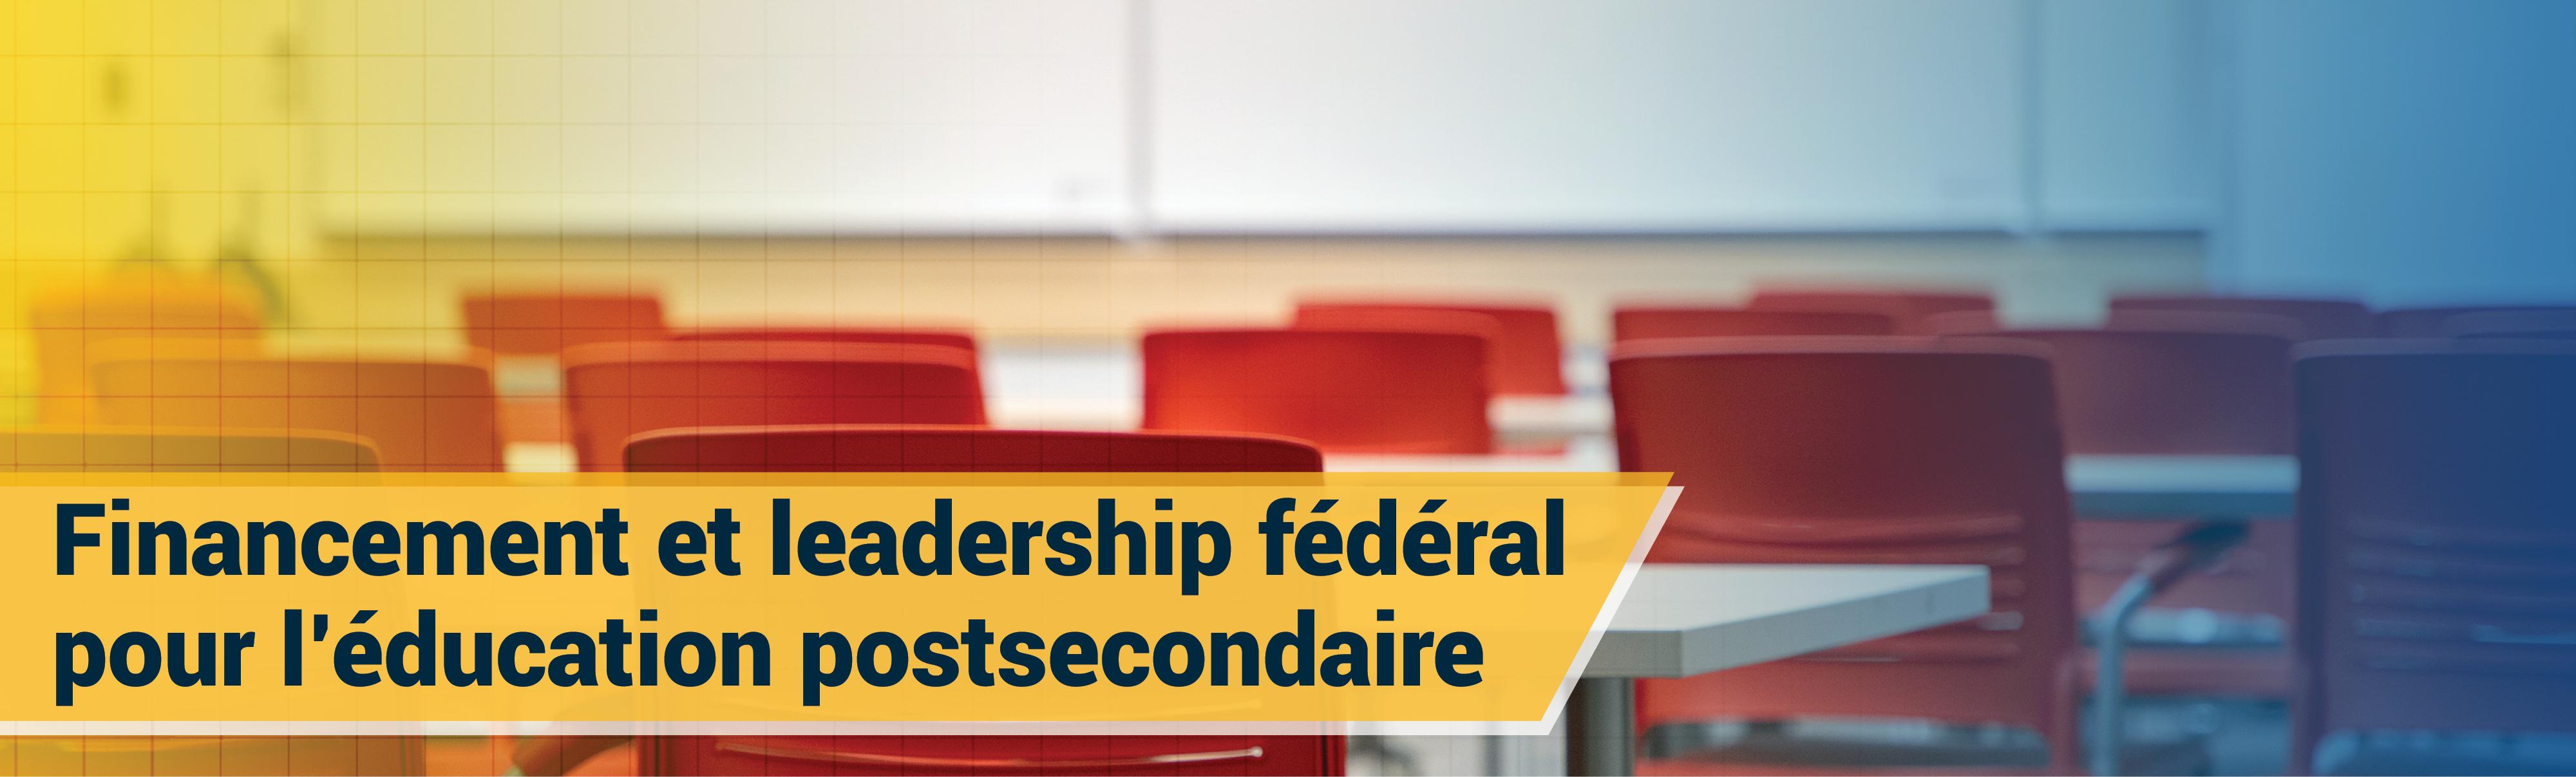 Financement et leadership fédéral pour l'éducation postsecondaire